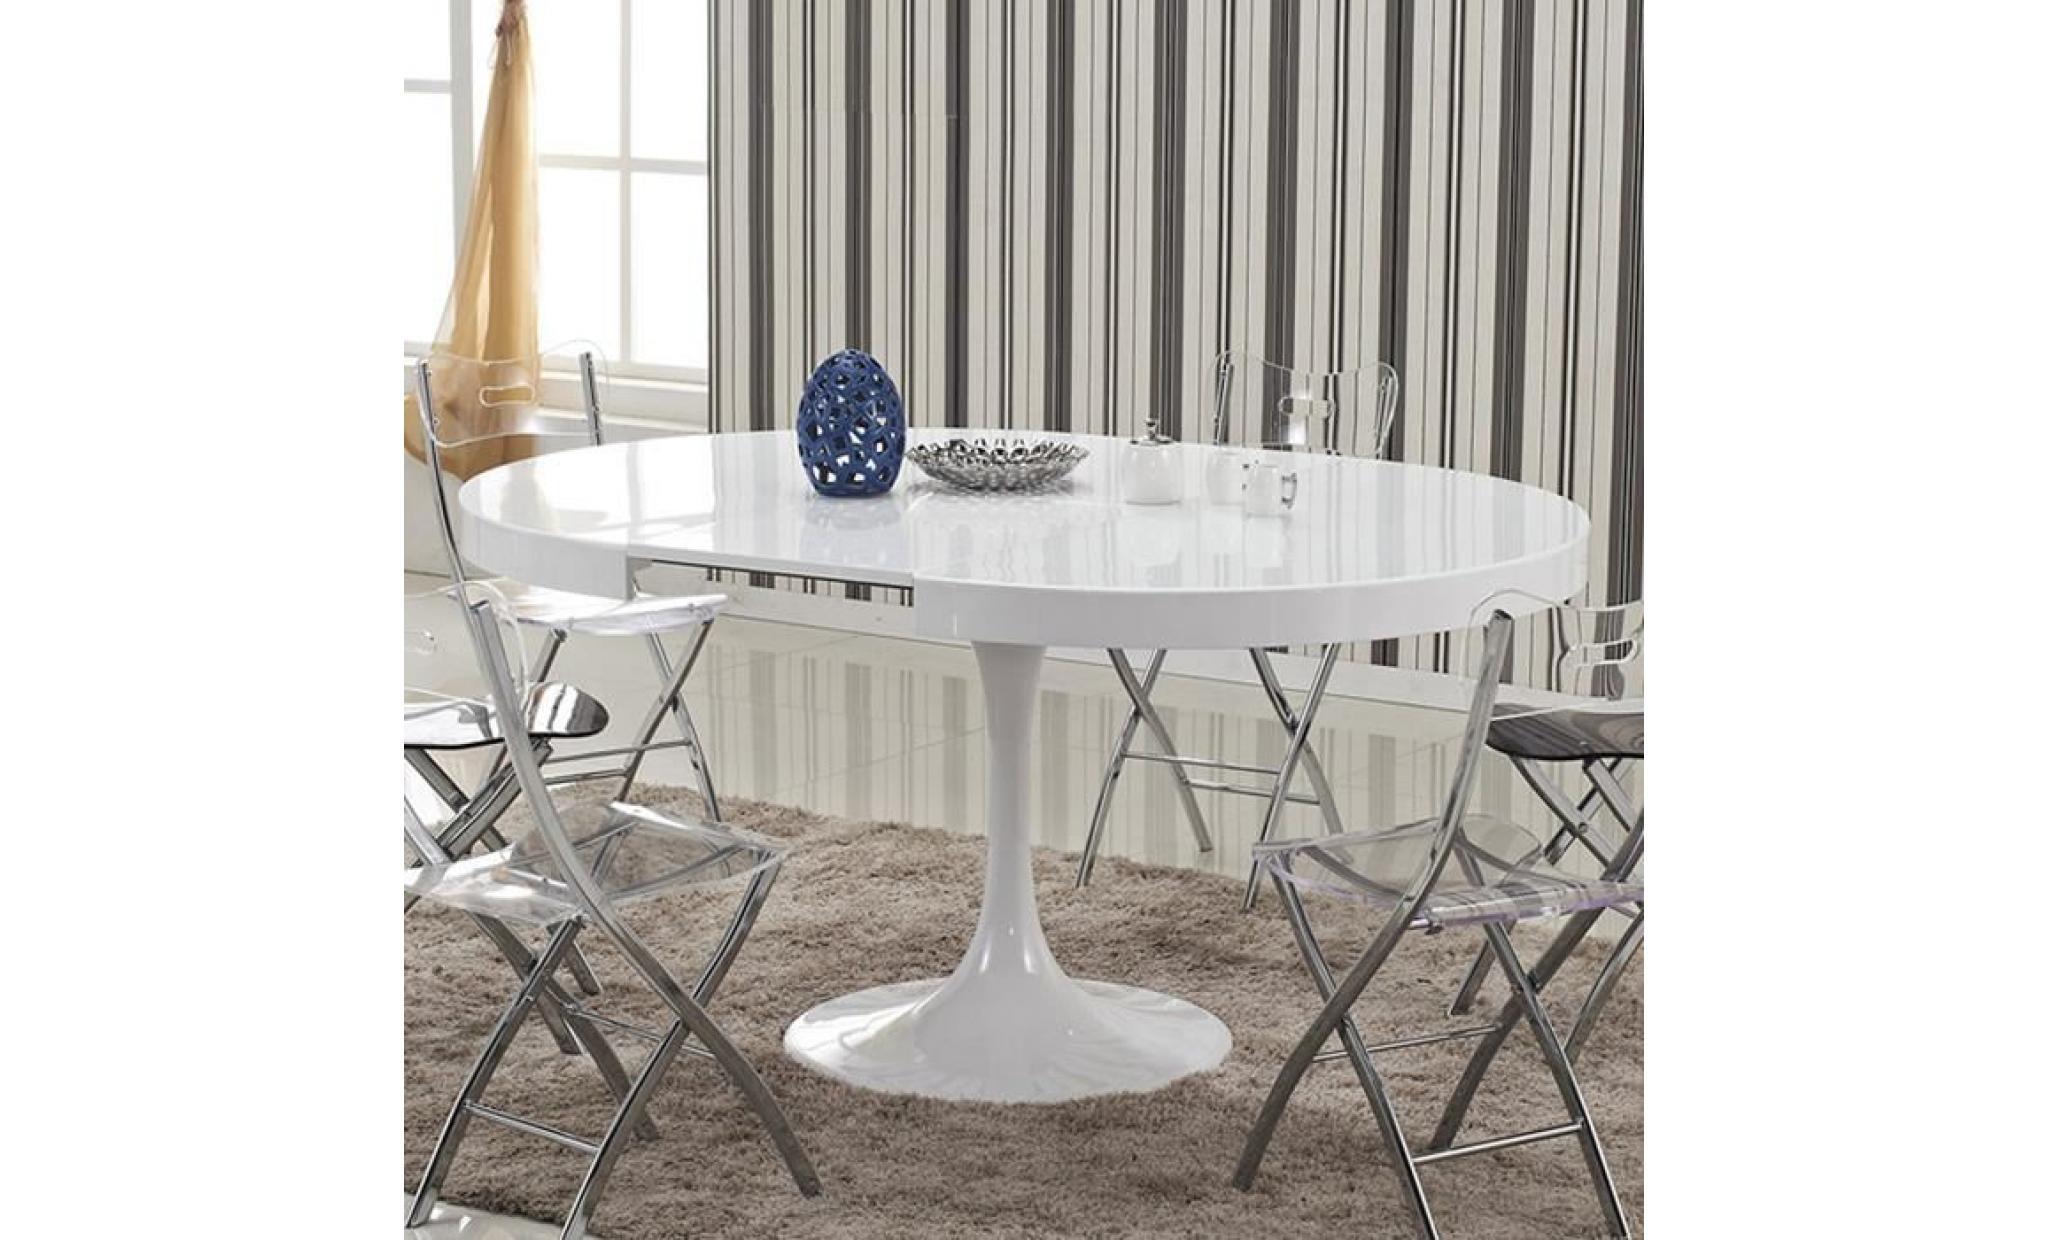 Table à manger ronde design blanche en bois laqué - Alta